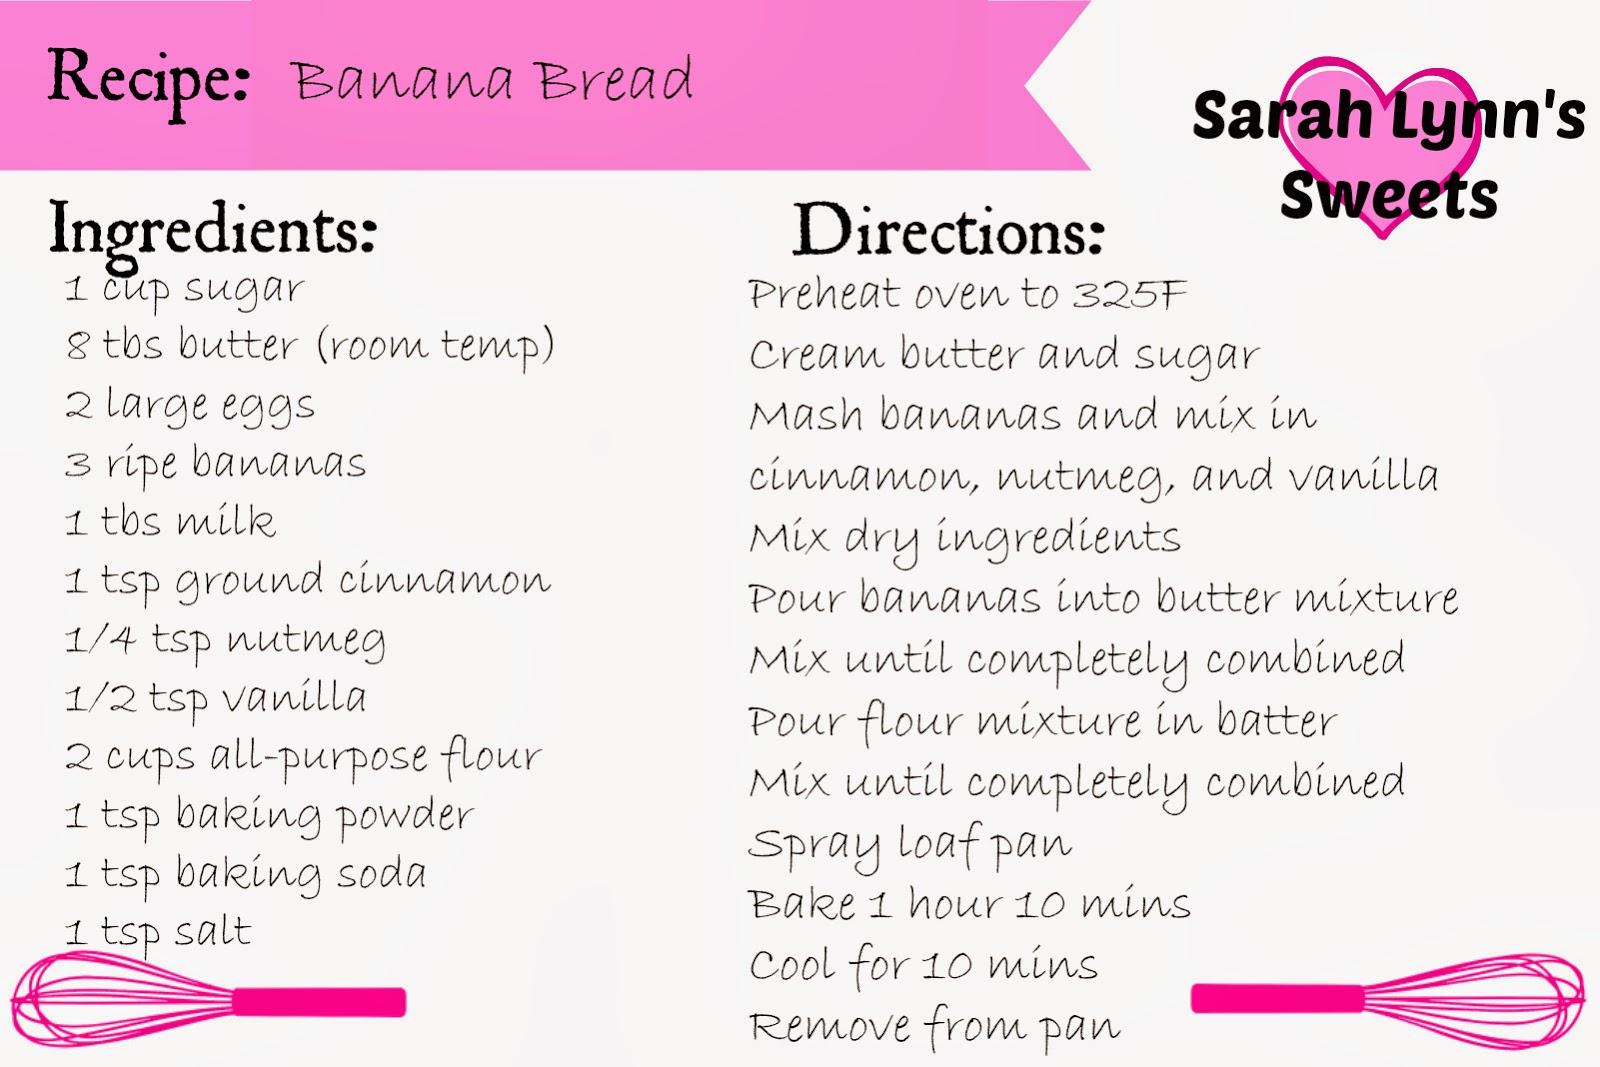 banana bread recipe card - photo #16